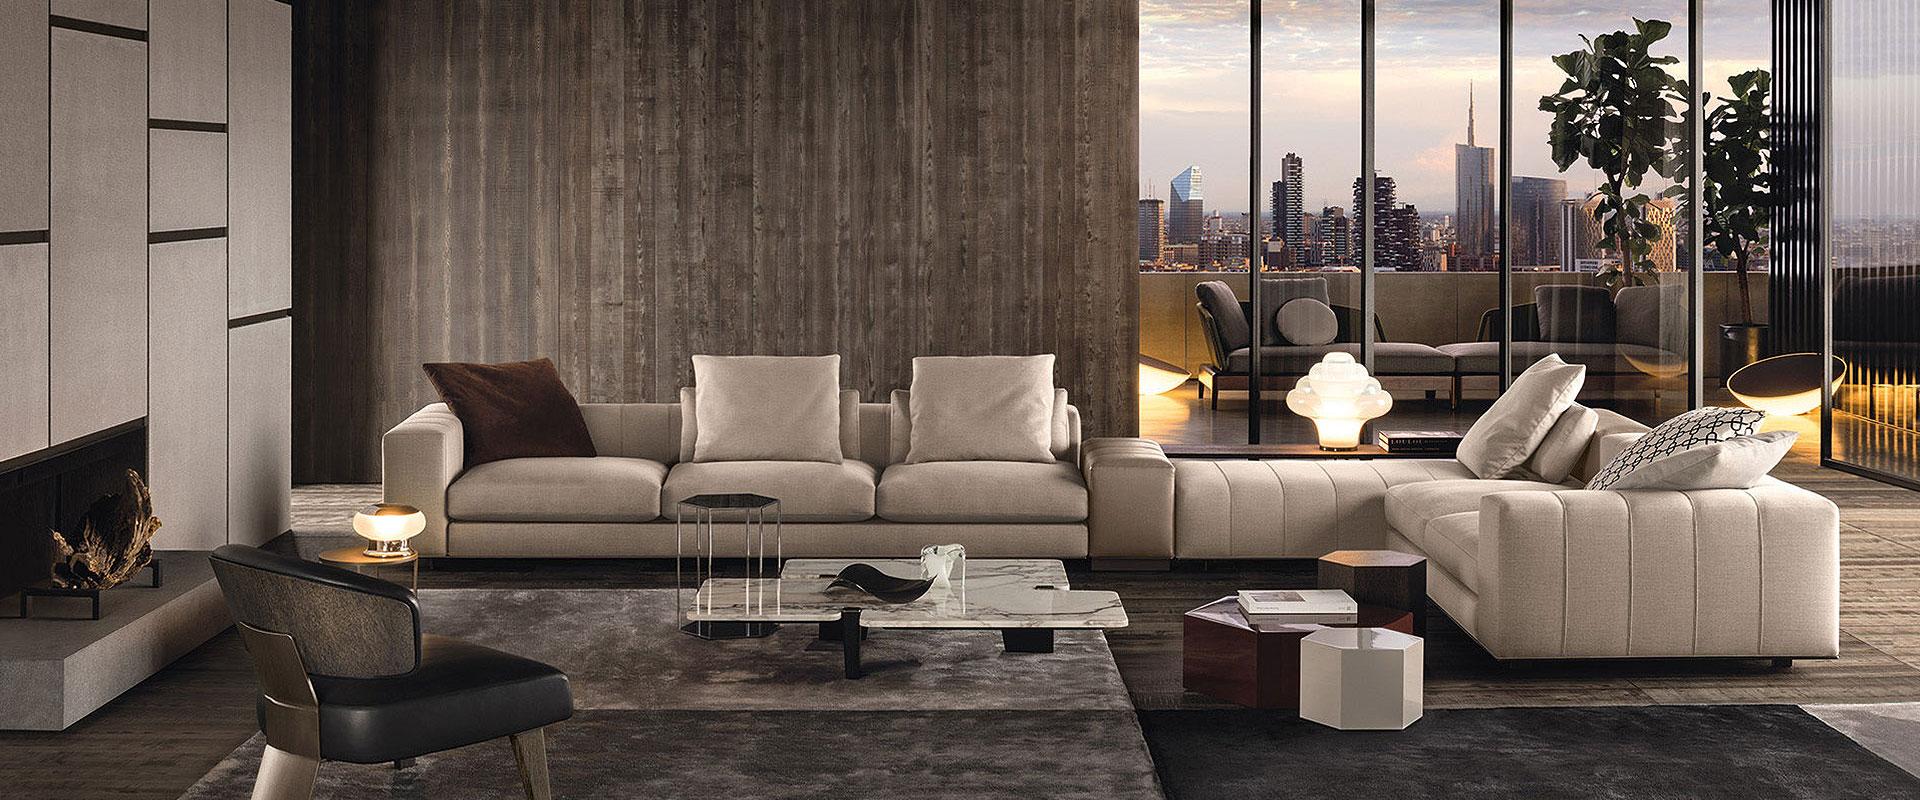 Das Freeman Sofa von Minotti finden Sie bei Hans G. Bock.